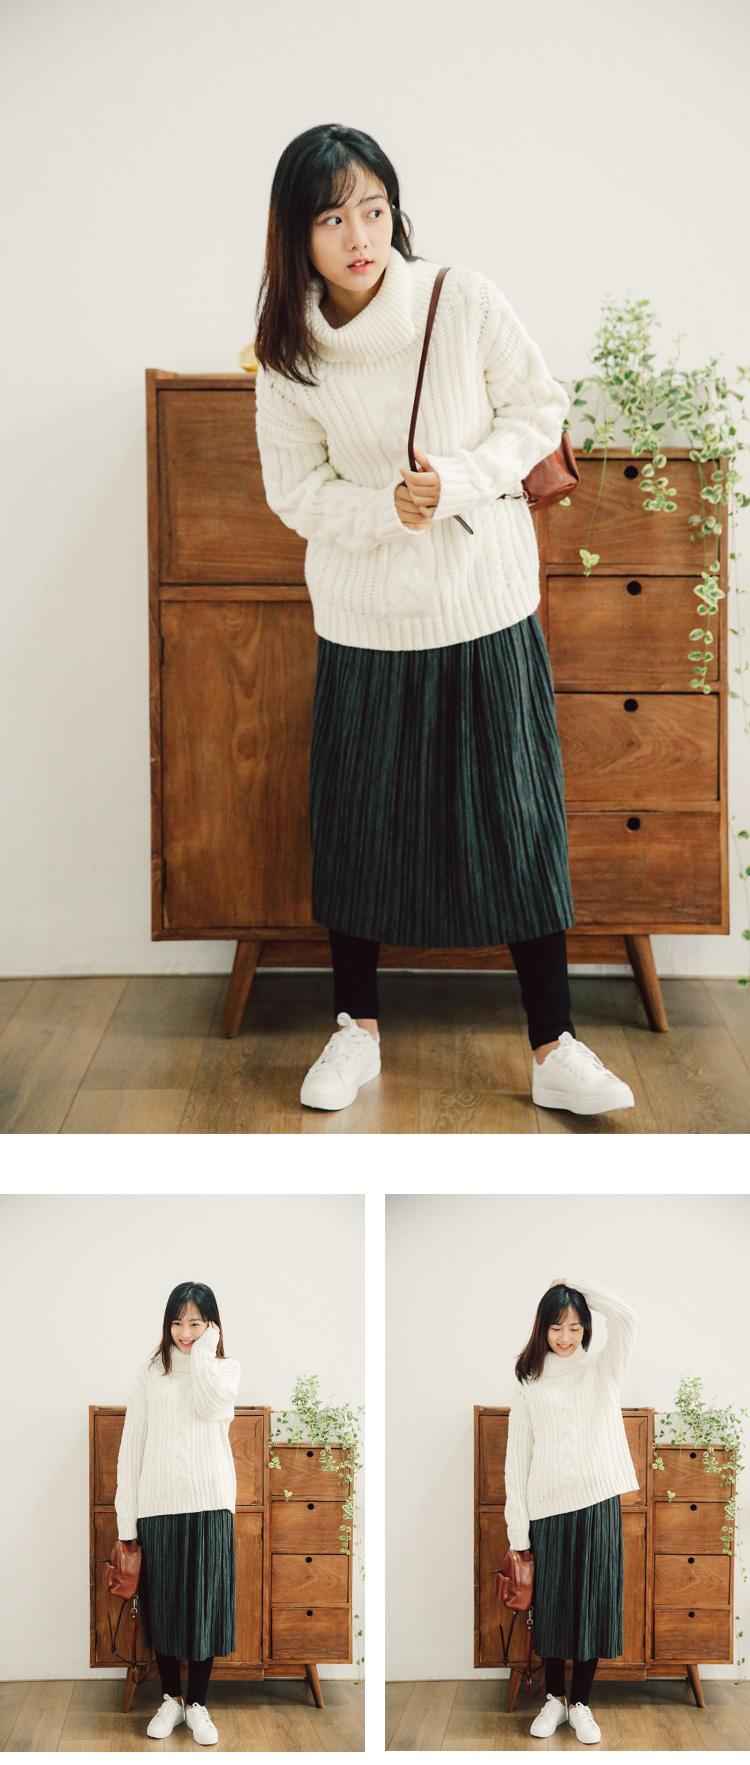 Tổng hợp 6 cách phối đồ với áo len nữ đẹp nhất